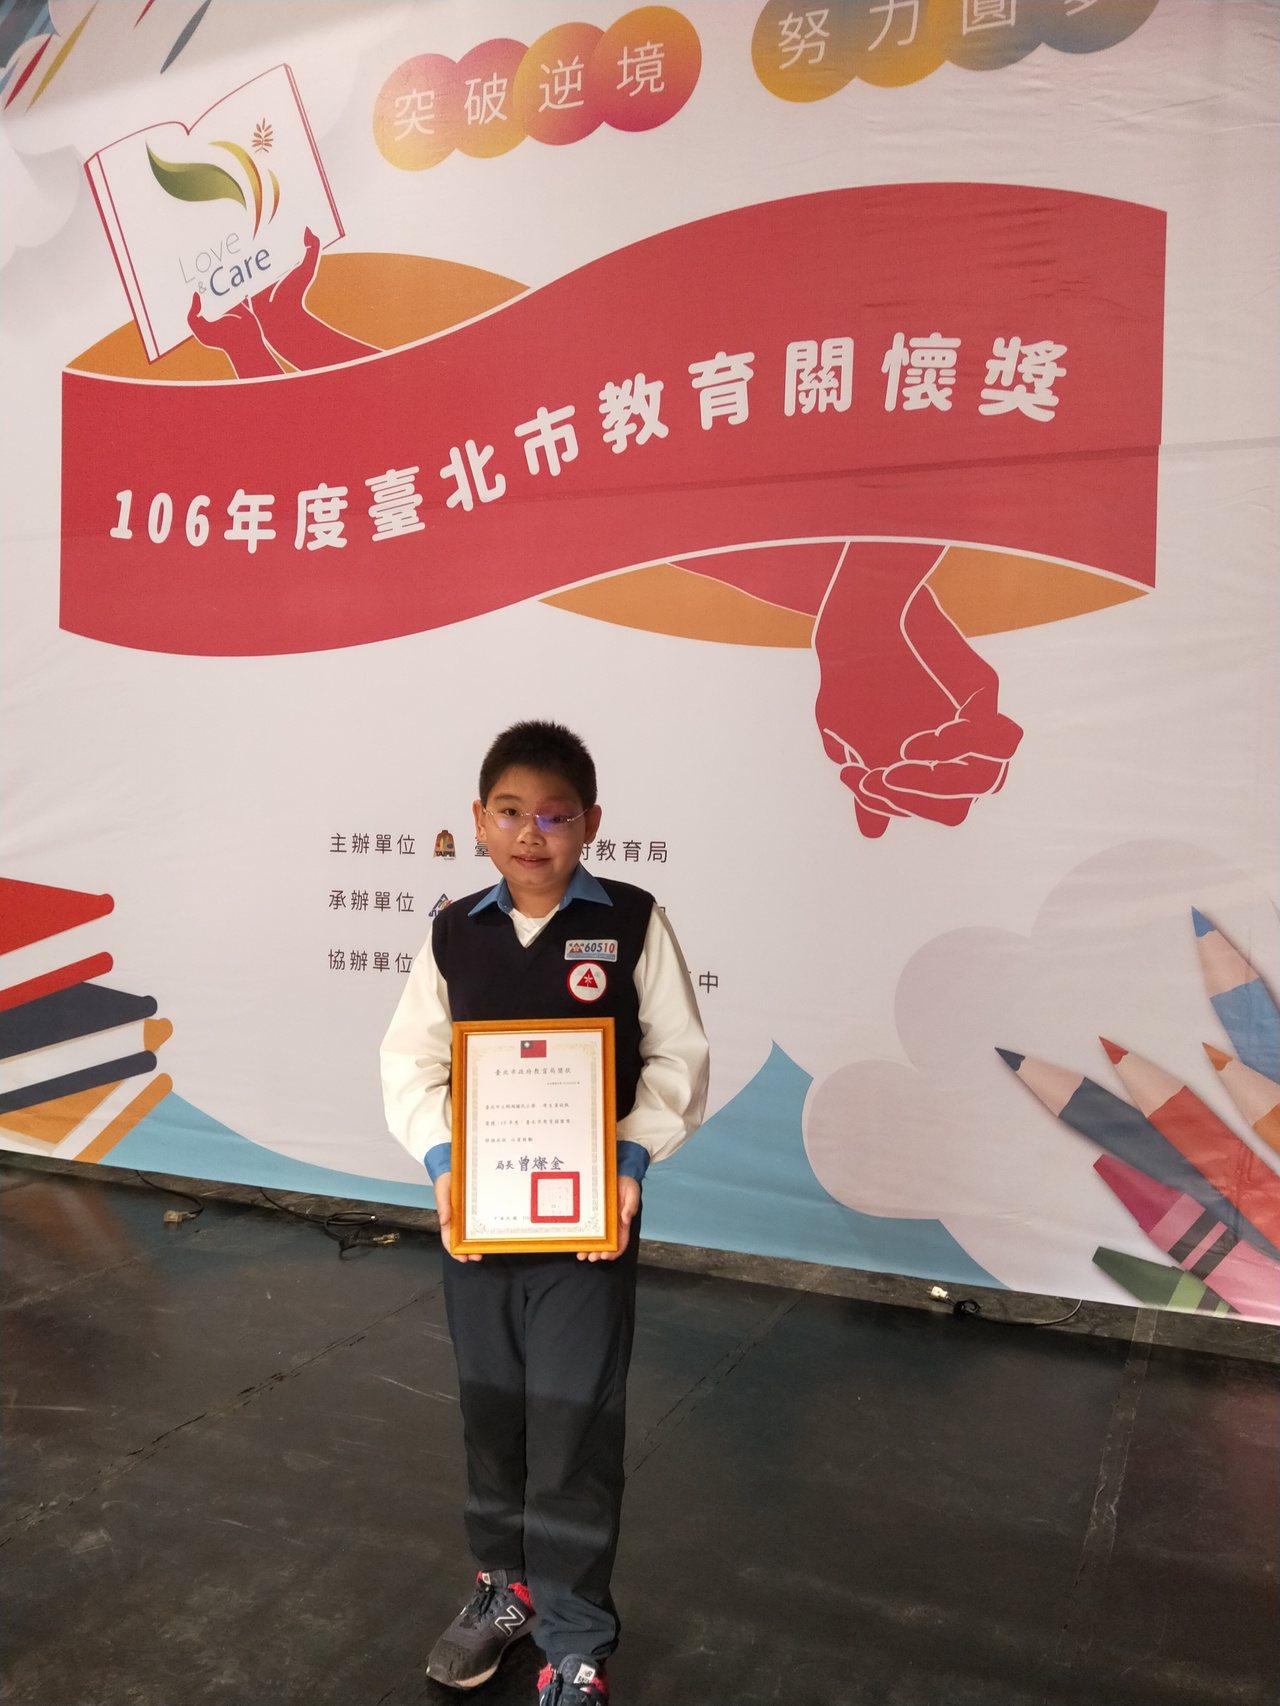 敬凱不向身體障礙低頭,勤奮向學、獲得台北市教育關懷獎肯定。 圖/陽光基金會提供